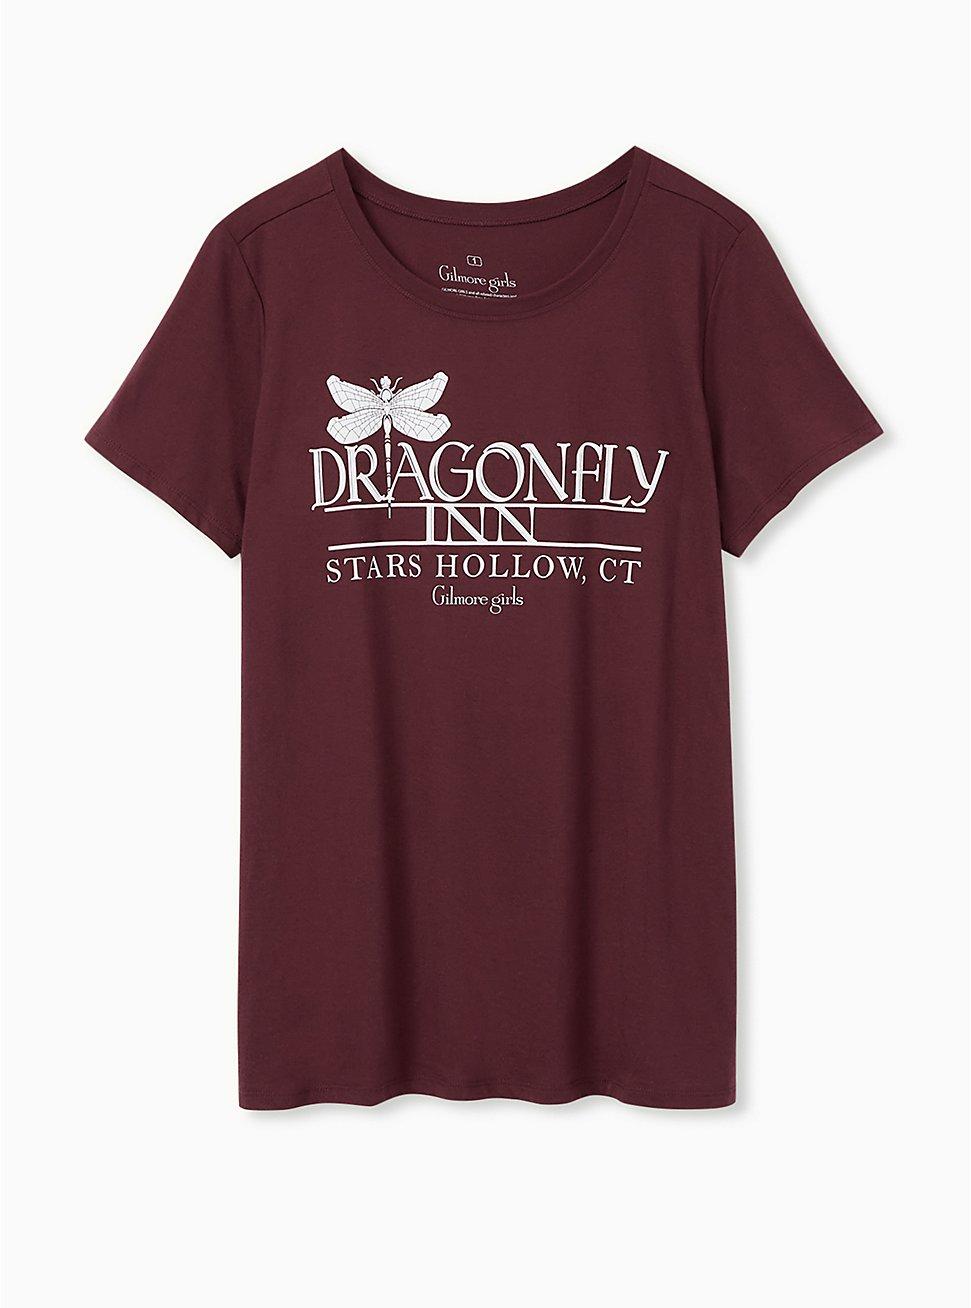 Gilmore Girls Dragon Fly Inn Slim Fit Tee - Burgundy Purple, , hi-res